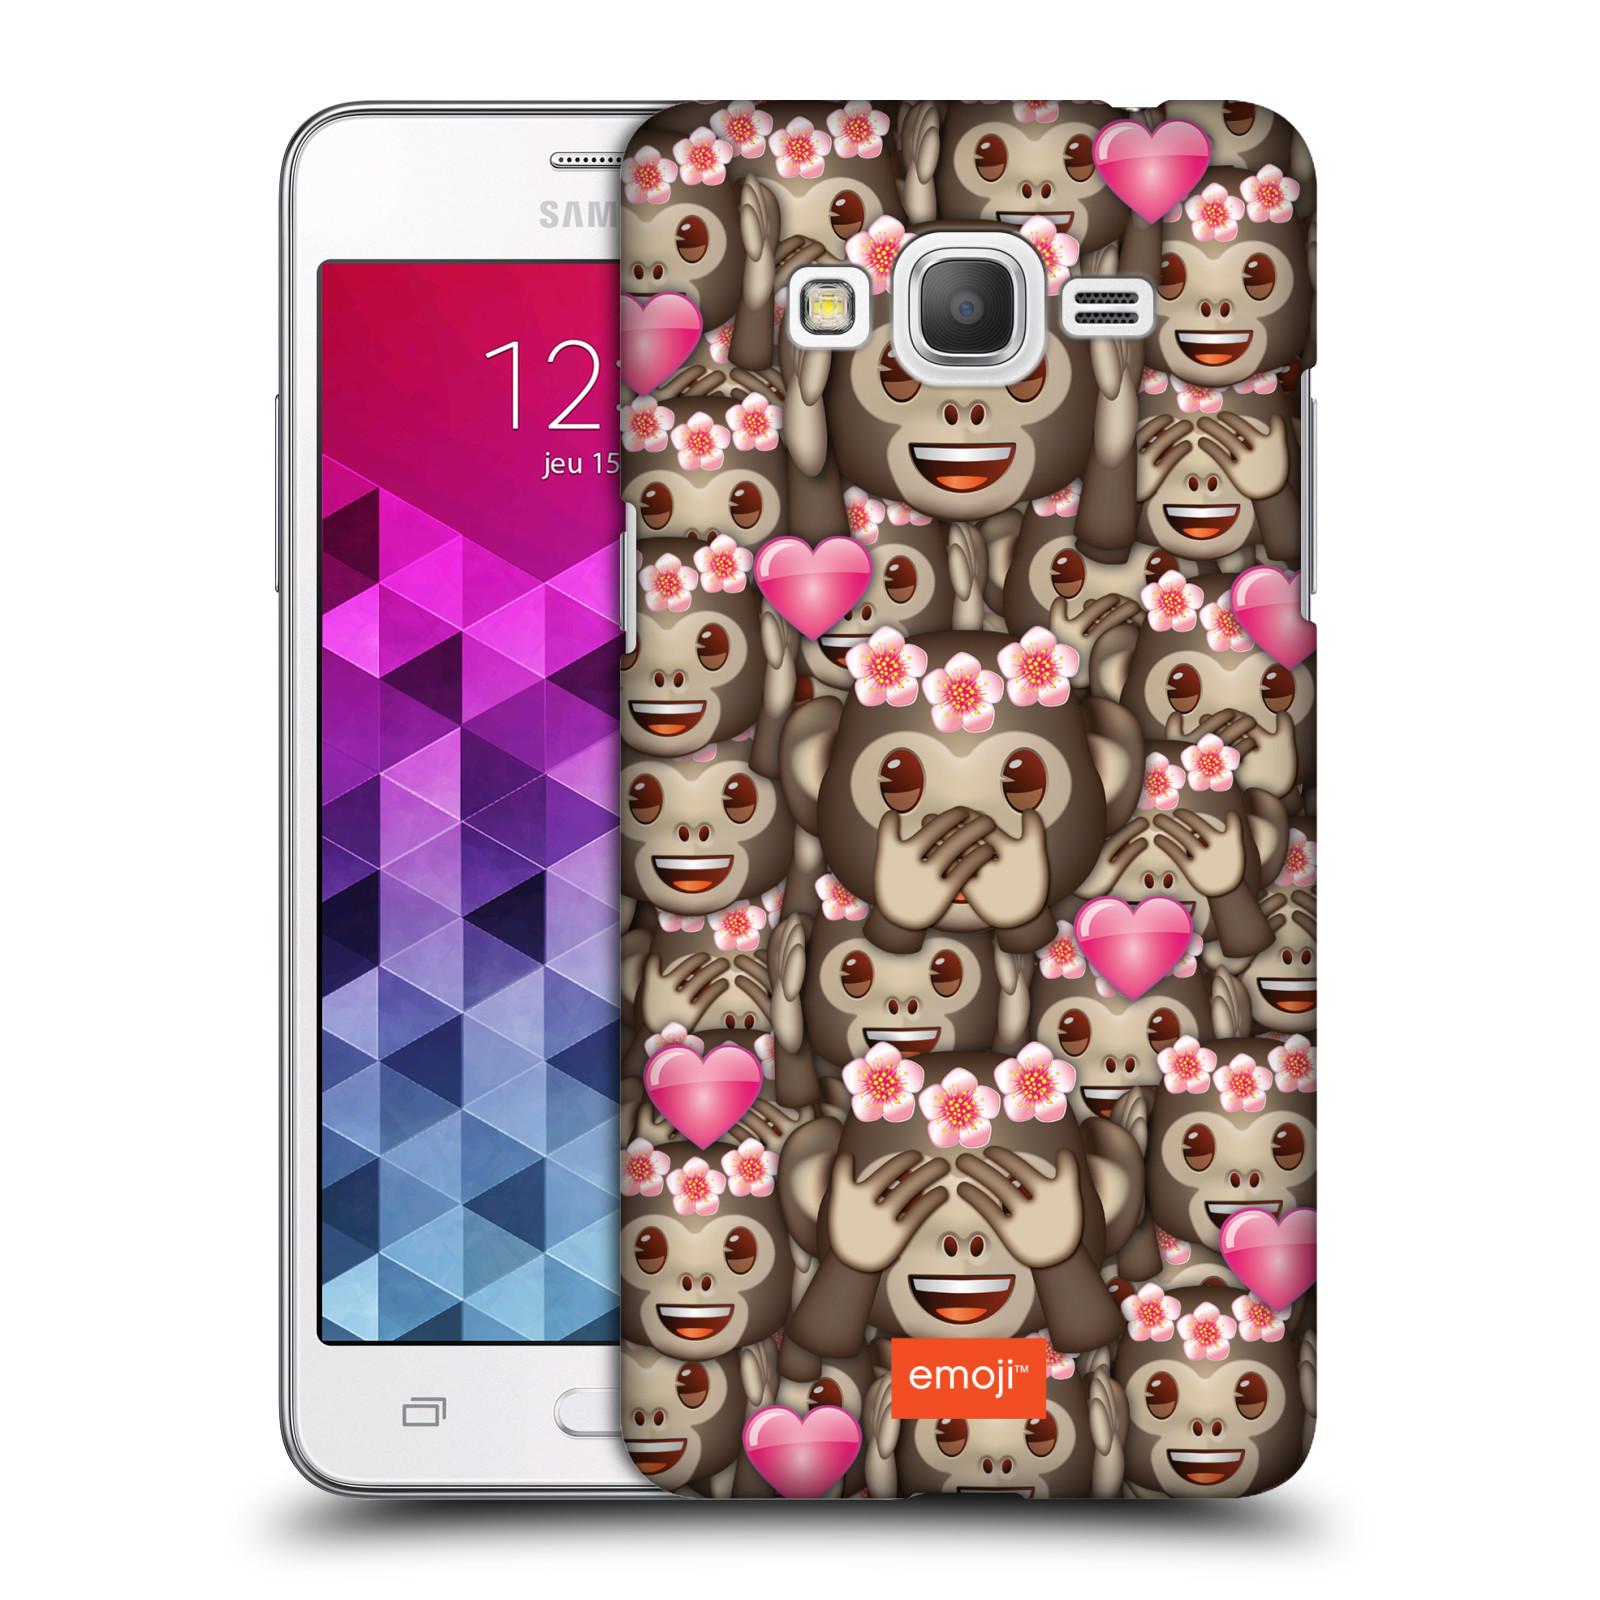 Plastové pouzdro na mobil Samsung Galaxy Grand Prime HEAD CASE EMOJI - Opičky, srdíčka a kytičky